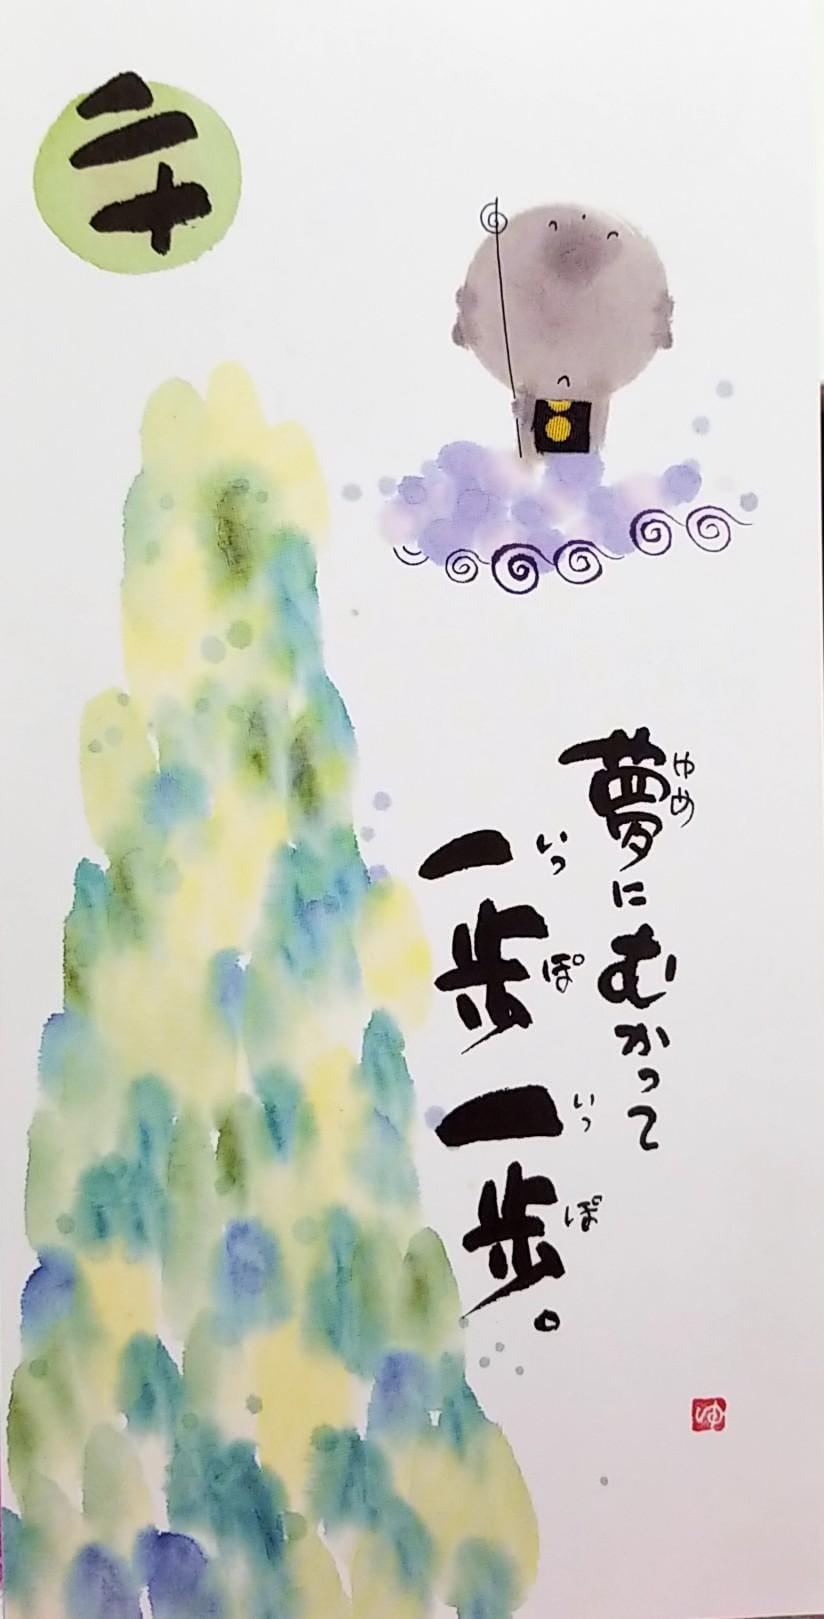 智里(ちさと)「おはようございます!」06/20(水) 10:41 | 智里(ちさと)の写メ・風俗動画